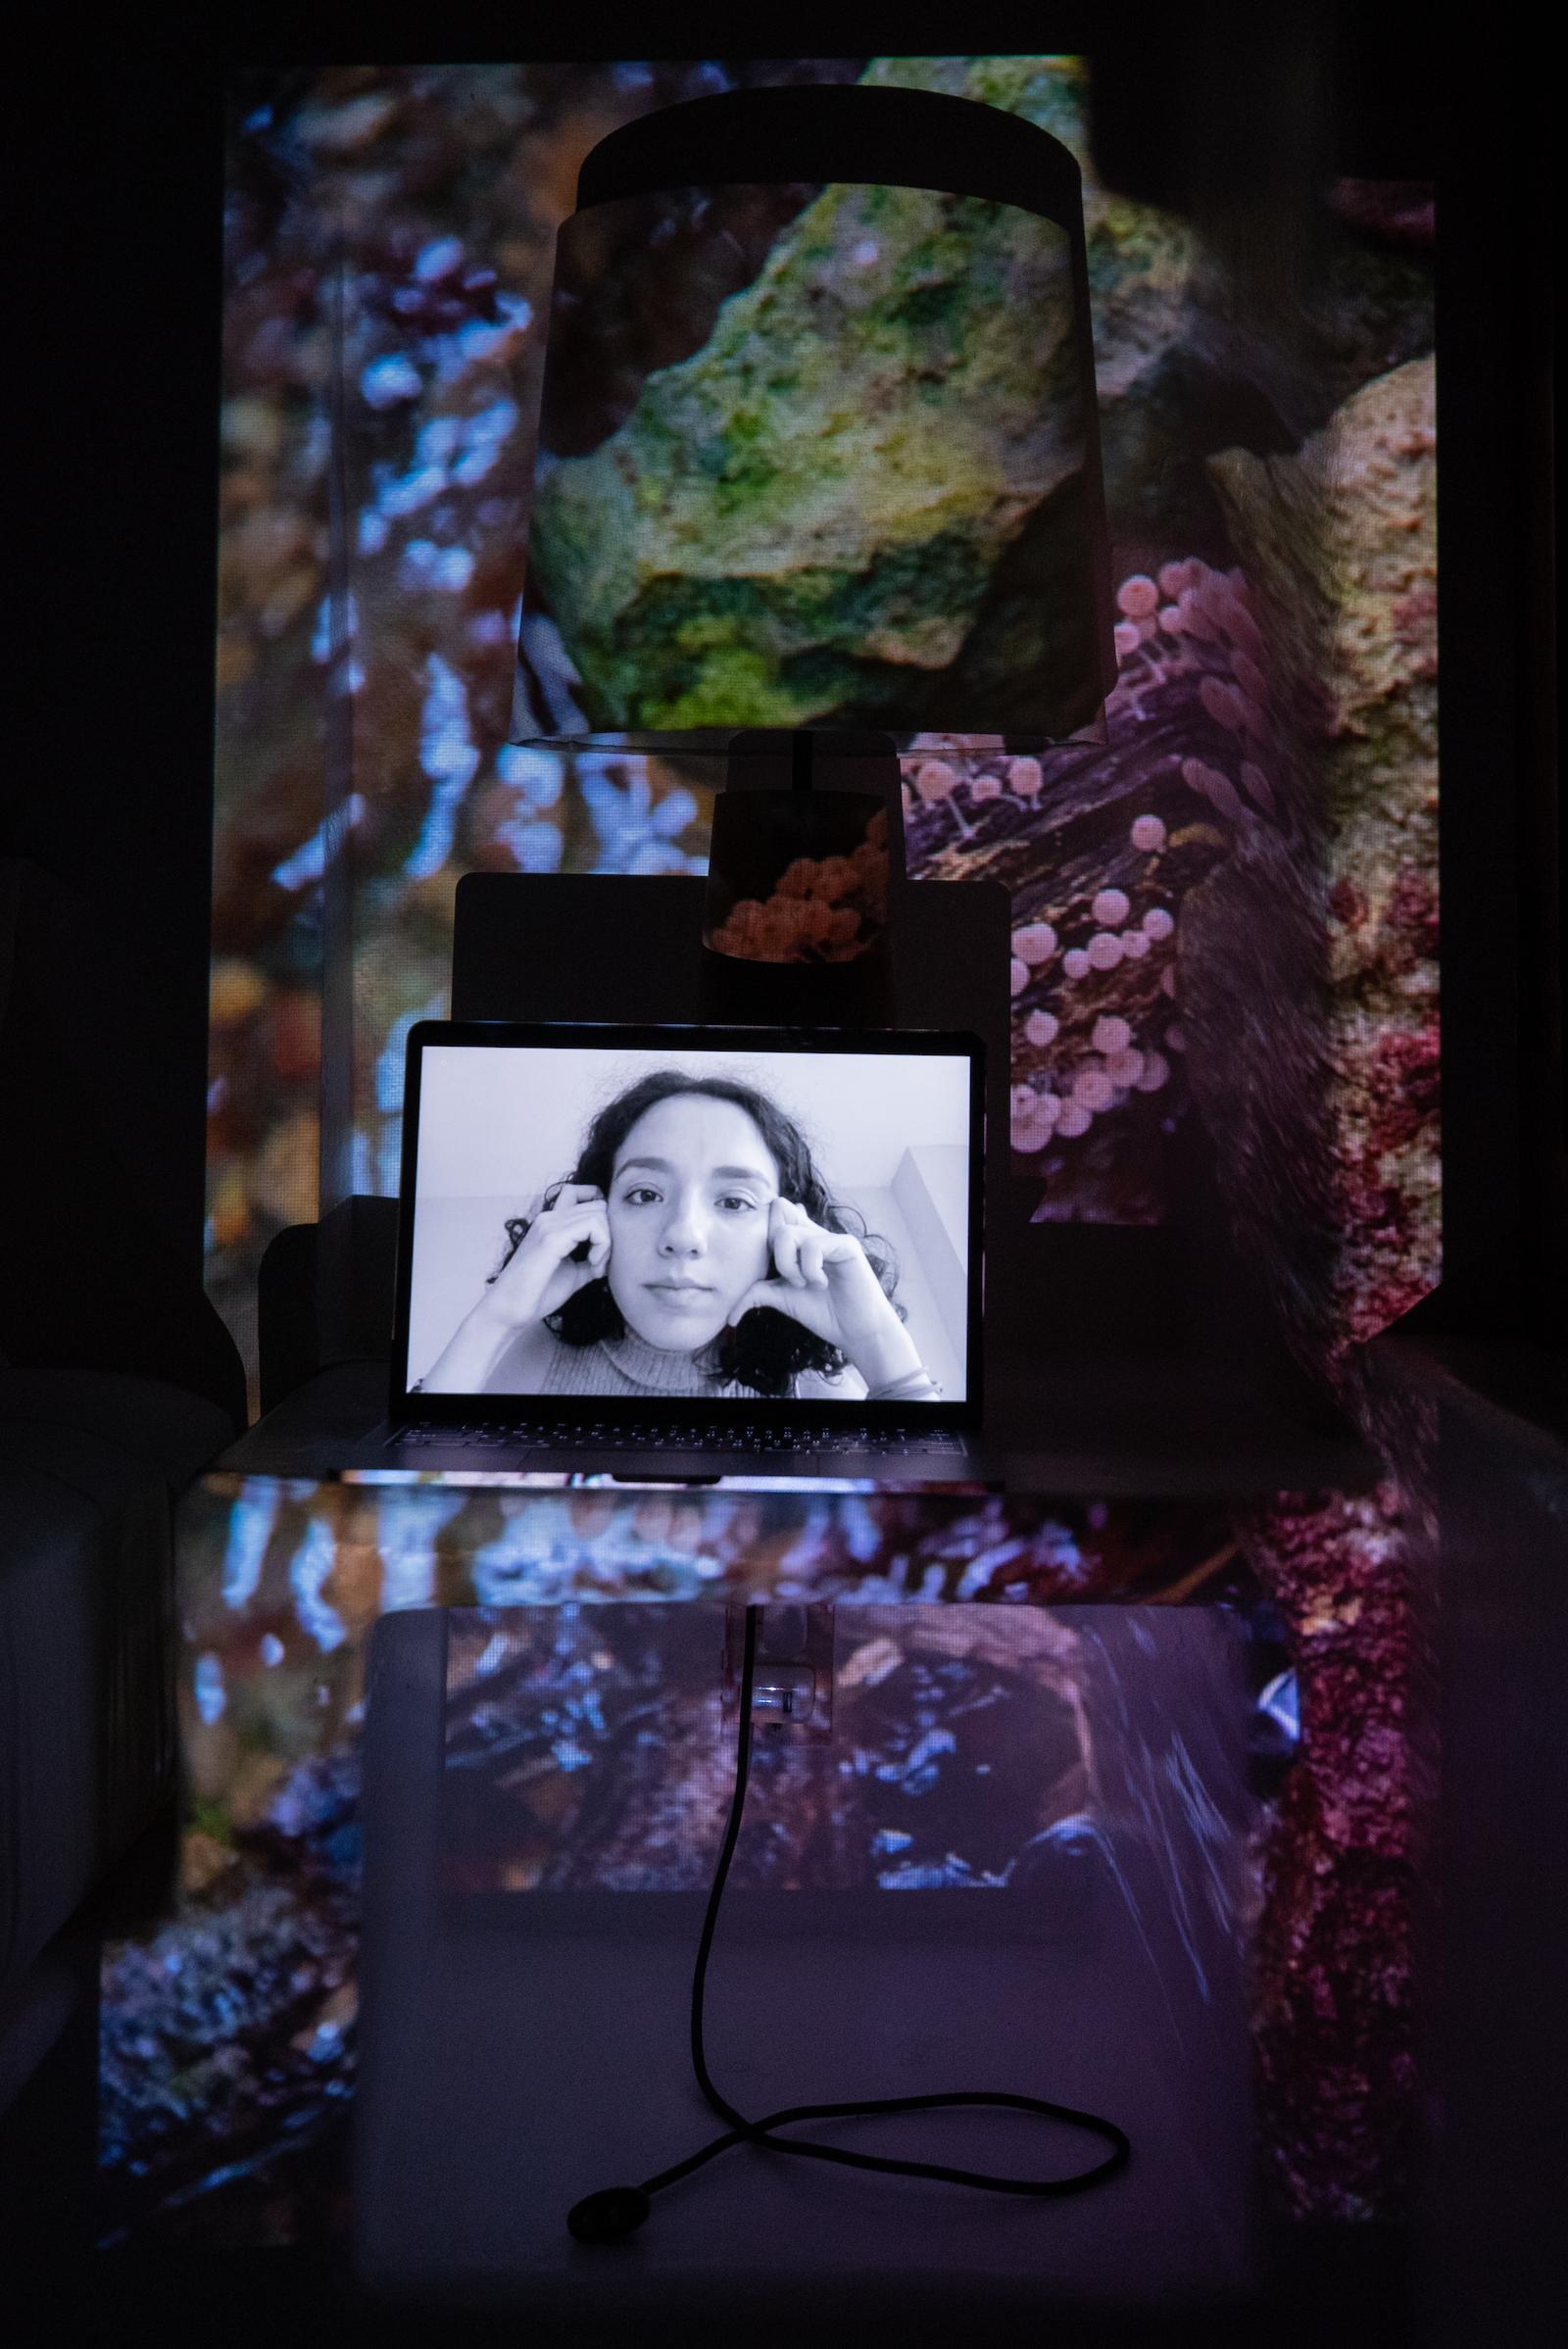 Valentina Prada, Fridays for Future Organizer, Co-Founder Latinas for Climate. Projected Image: En el Arroyo de los Monos, Lacandon Jungle, Mexico, March 2019.